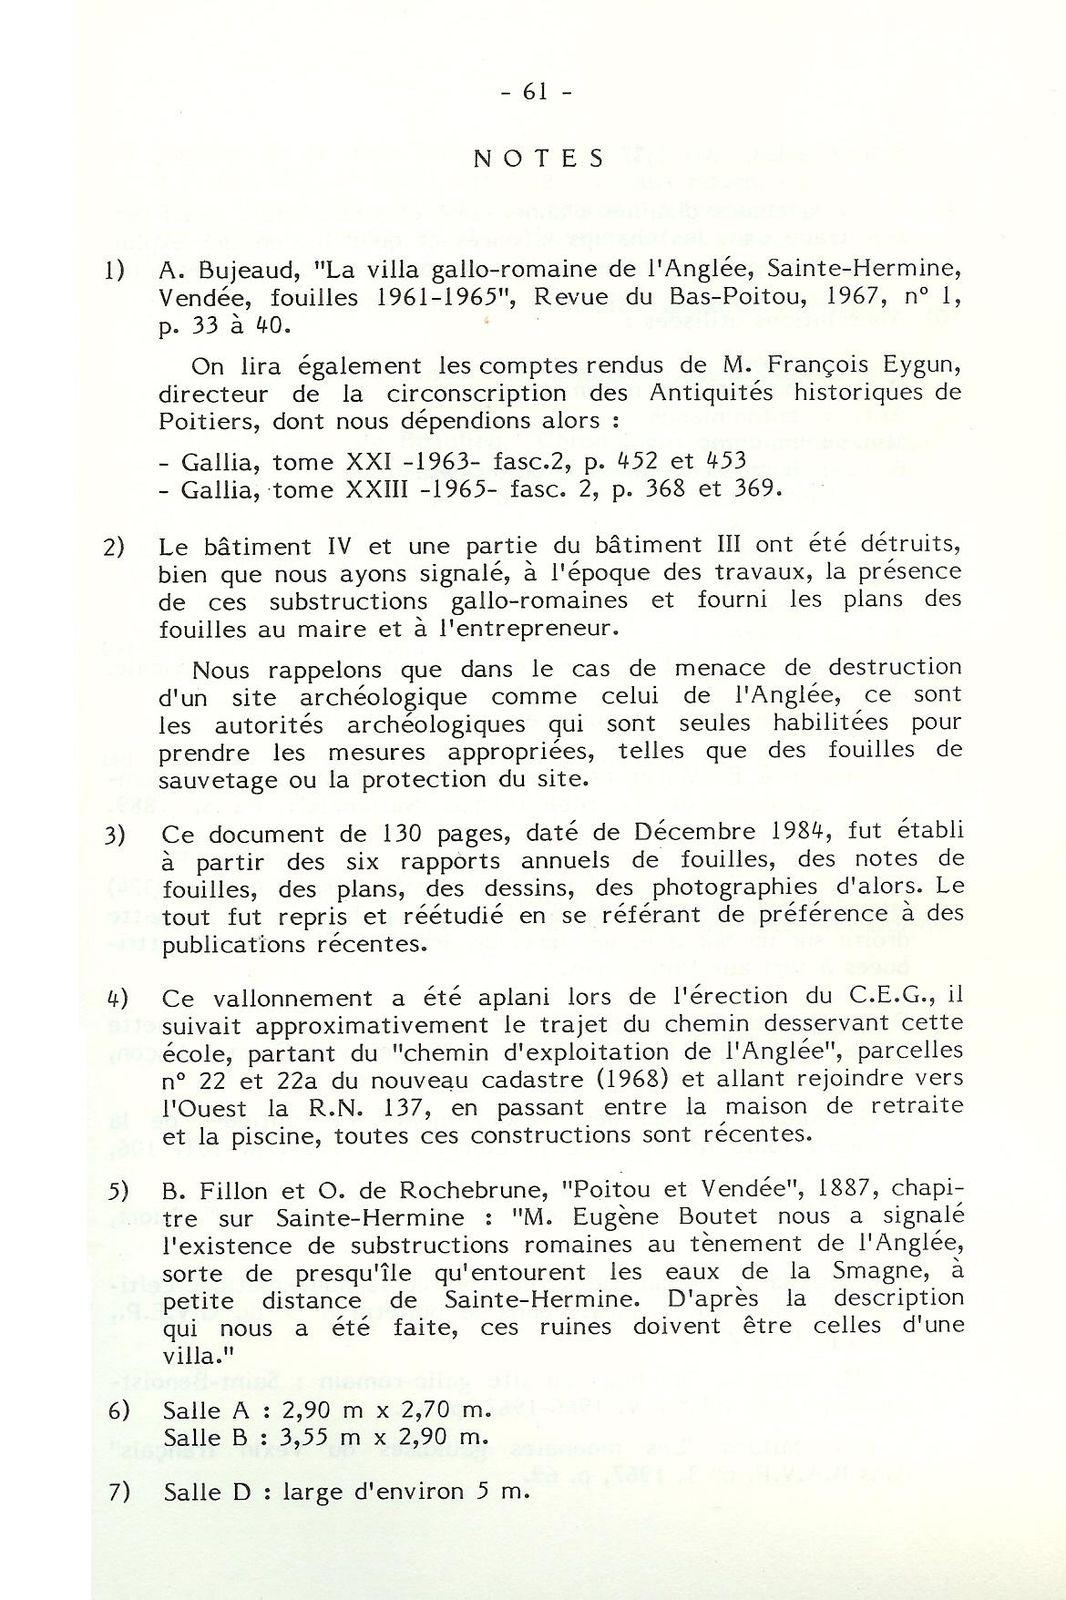 Les fouilles de l'Anglée dans les années '60